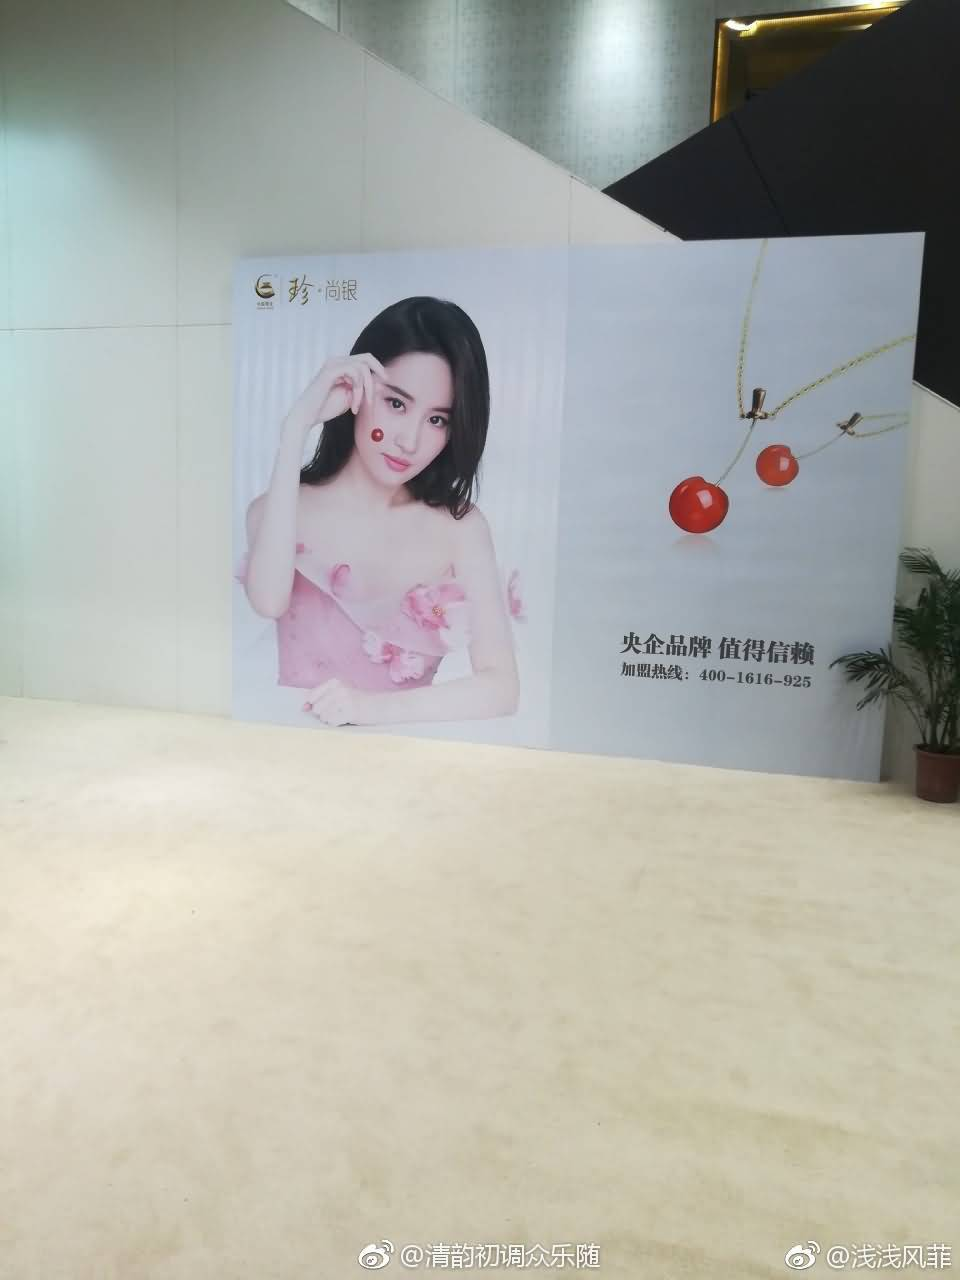 中国黄金深圳珠宝展,ins官方图,刘亦菲海报